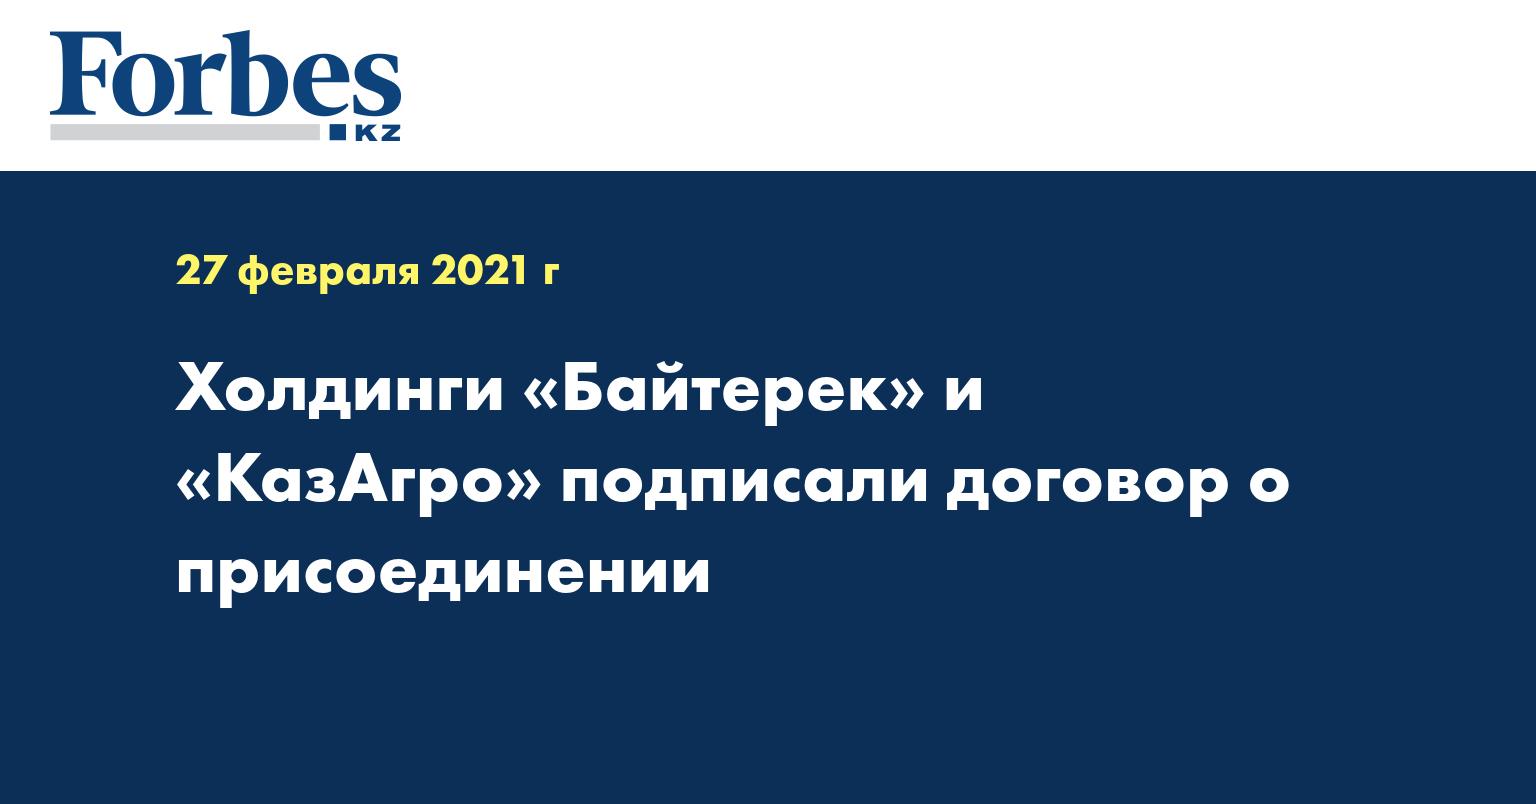 Холдинги «Байтерек» и «КазАгро» подписали договор о присоединении